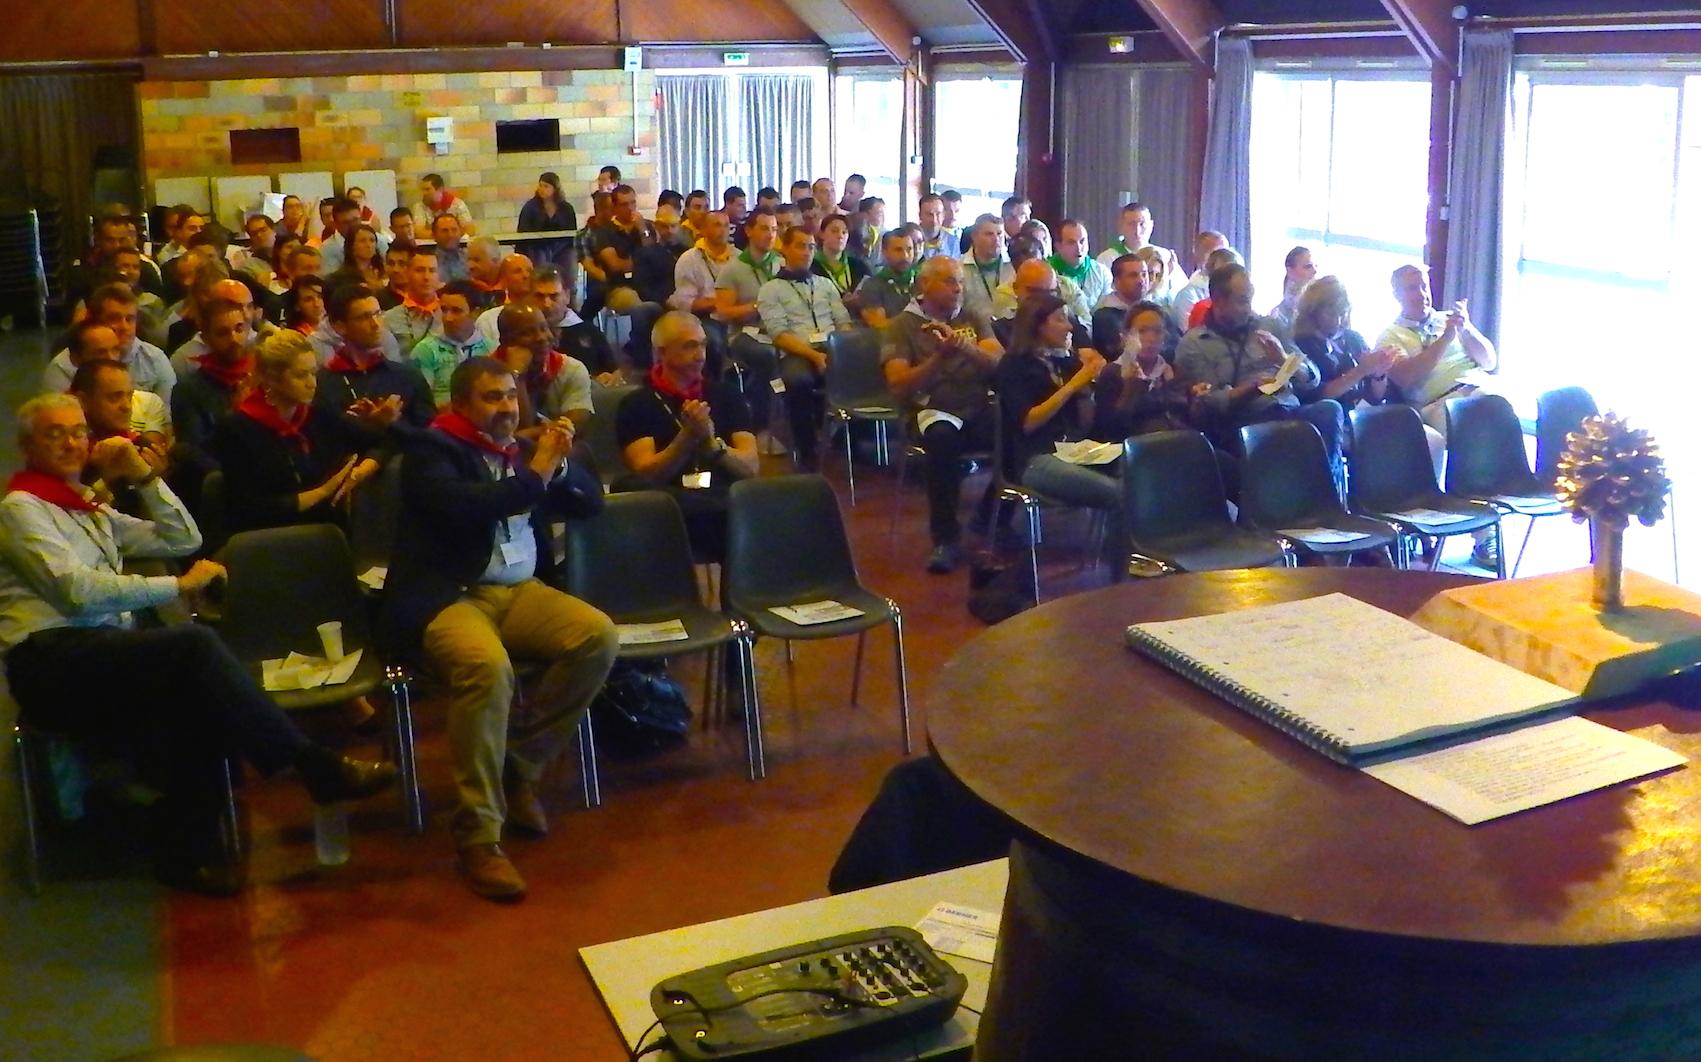 seminaire-commercial-sud-ouest-pays-basque-le-cercle-evenements-agence-evenementielle-3